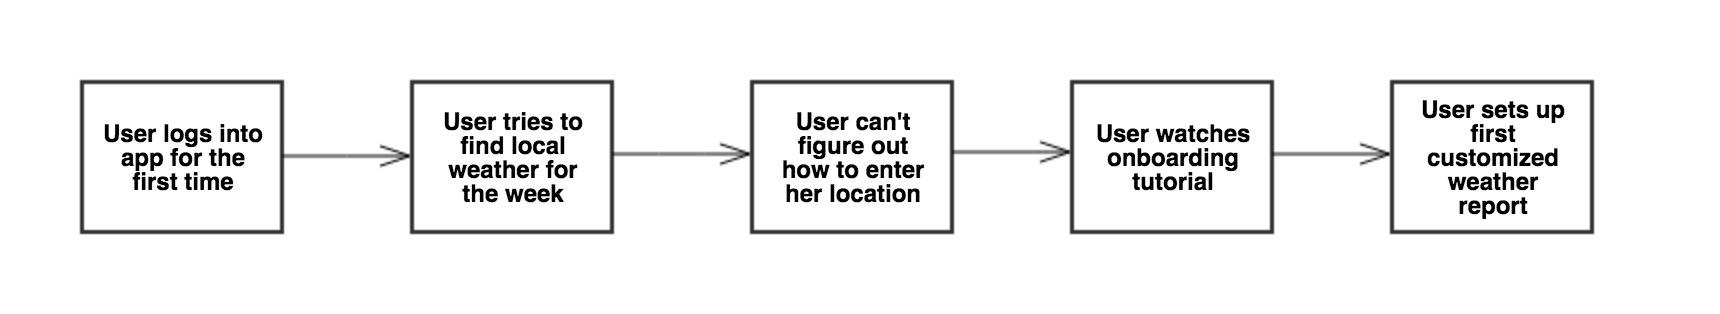 user-journey-flowchart.jpg